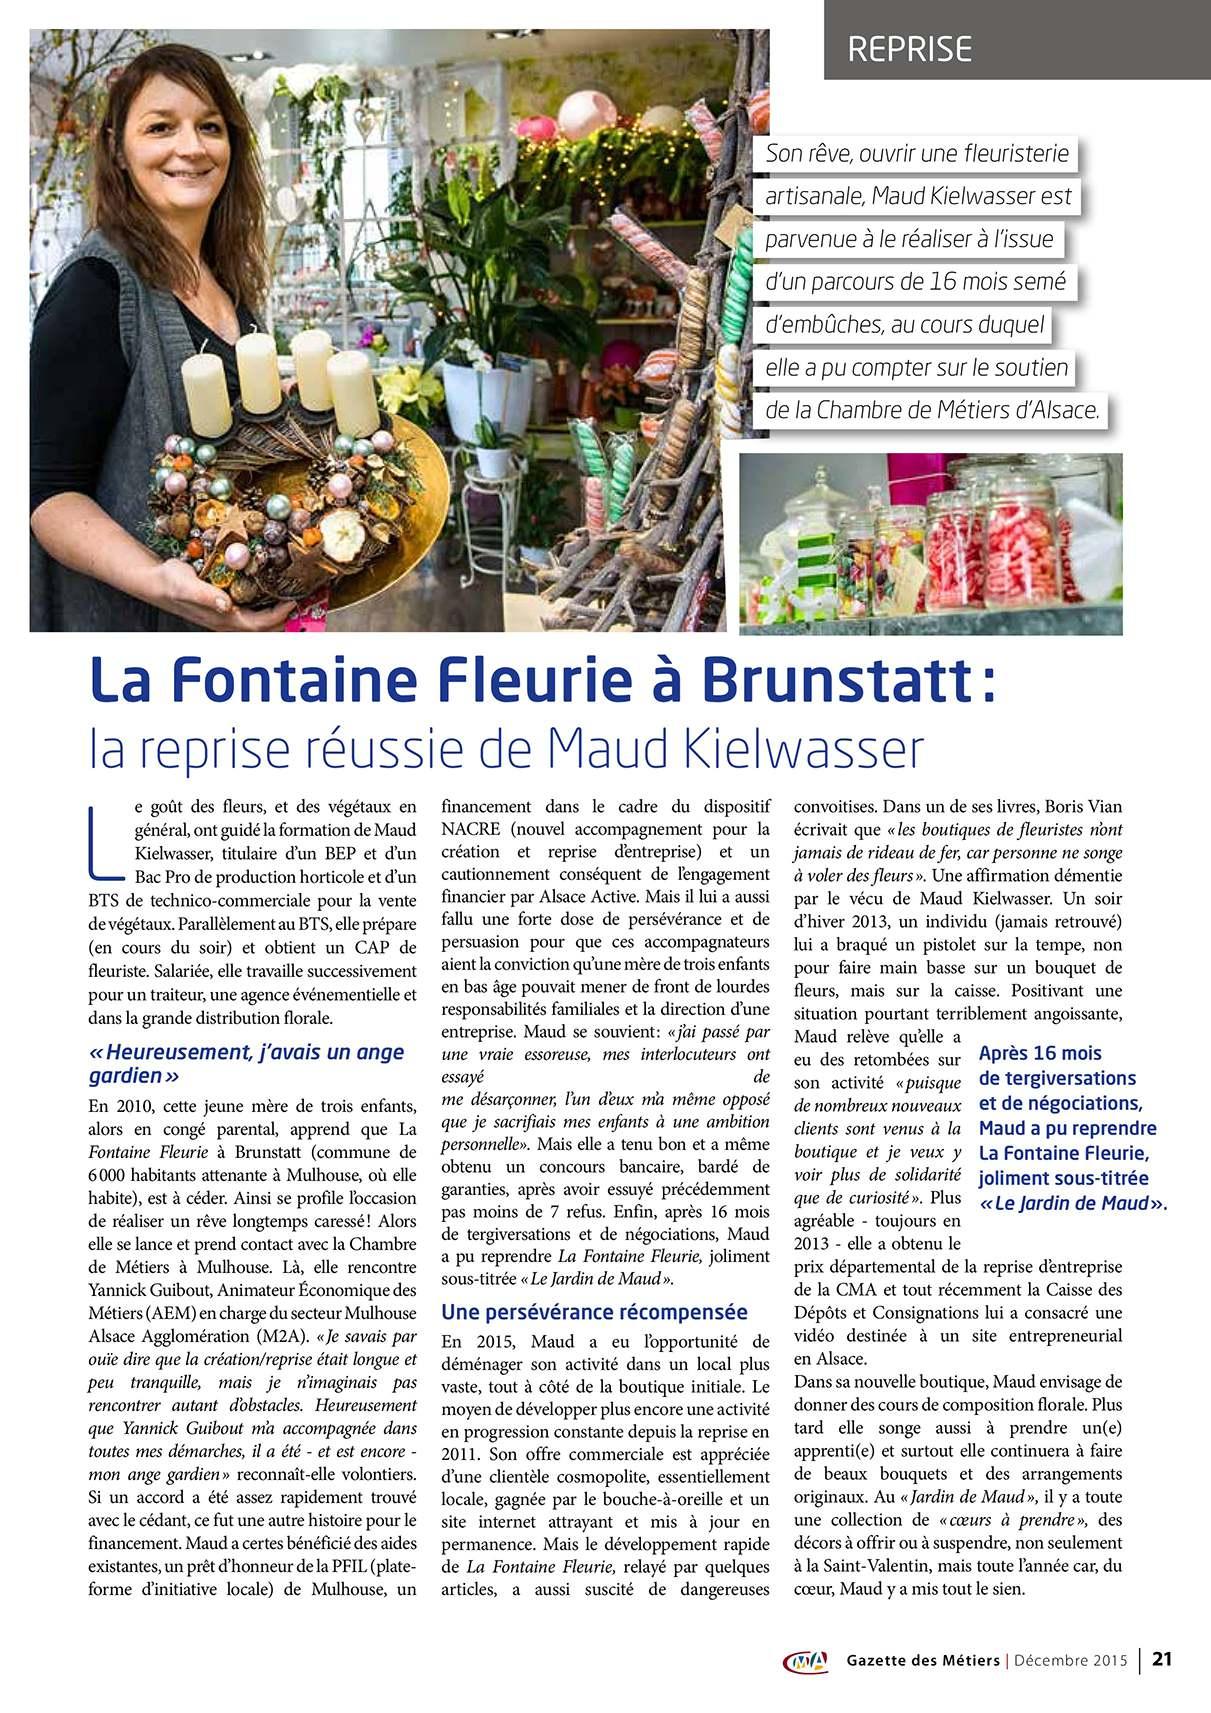 Livre  Mulhouse fleuriste  Brunstatt